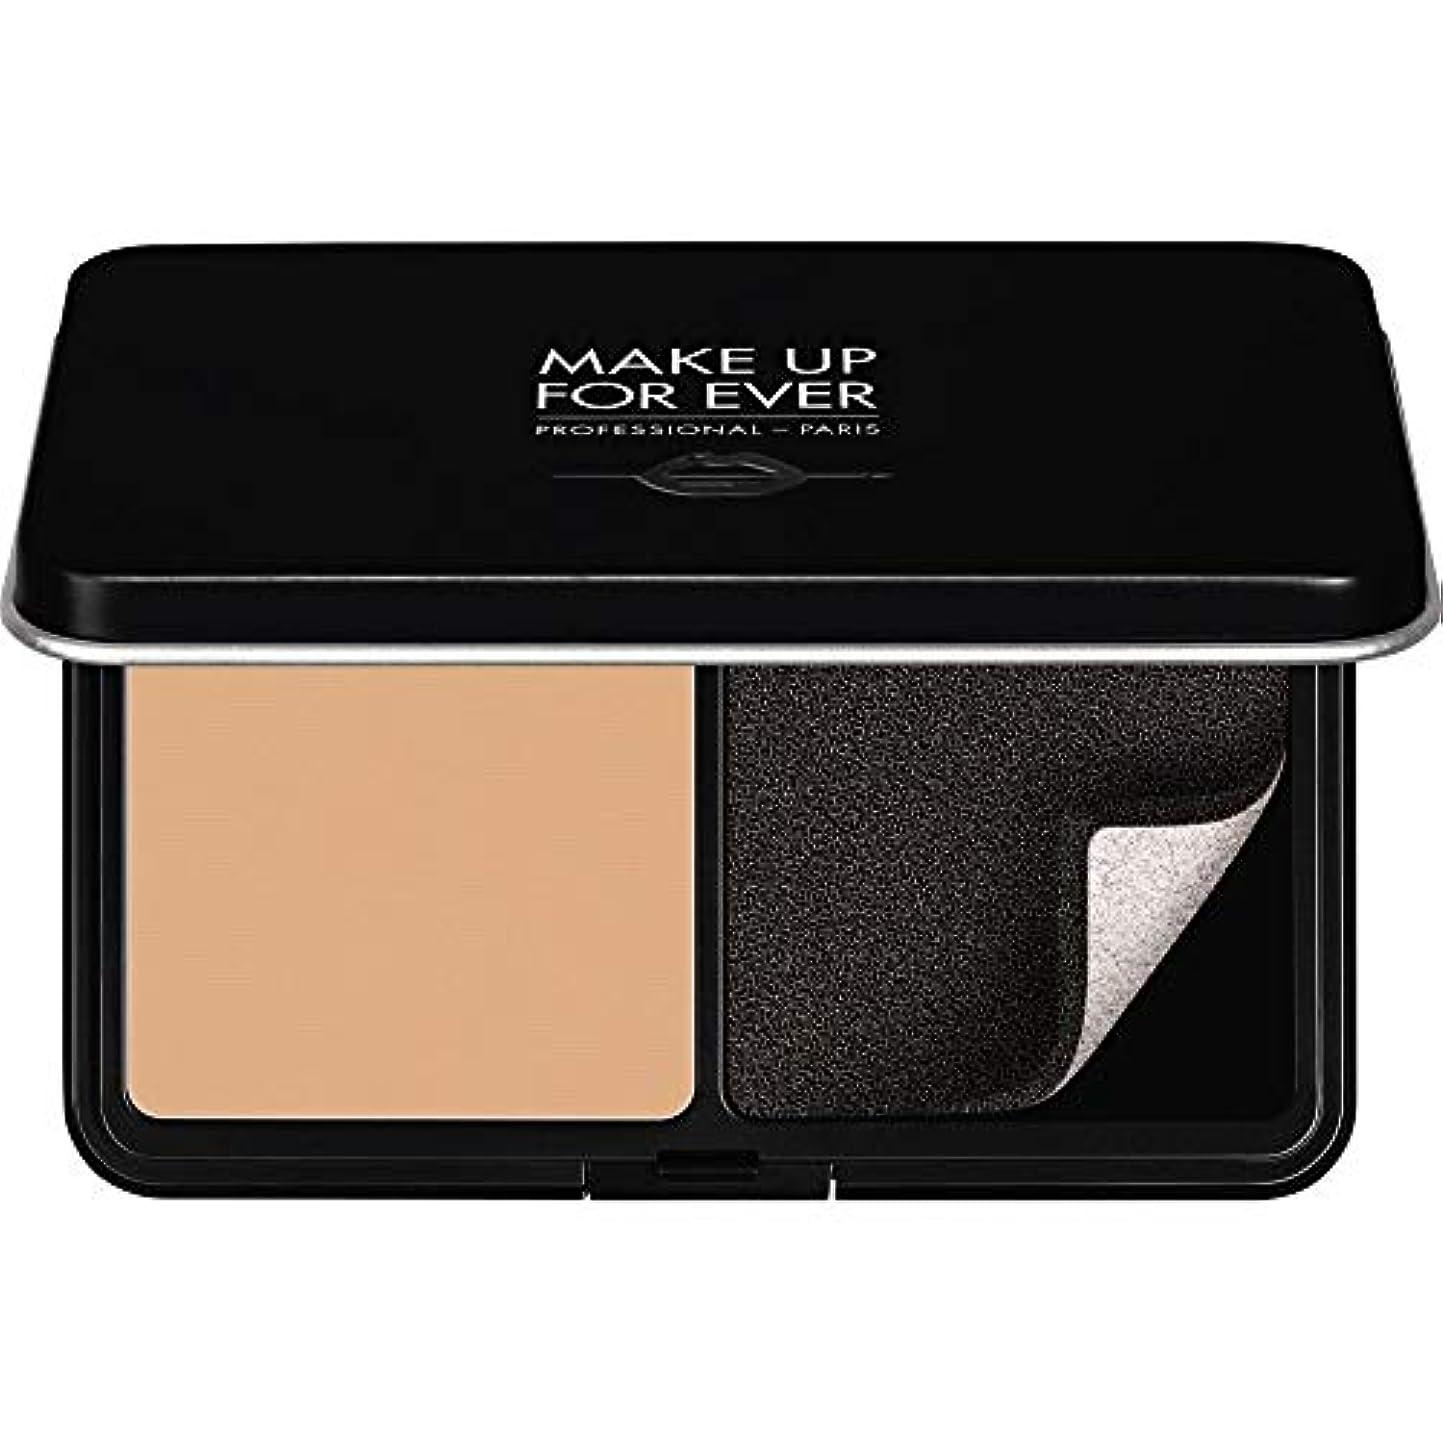 パッド冬地球[MAKE UP FOR EVER] パウダーファンデーション11GののR260をぼかし、これまでマットベルベットの肌を補う - ピンクベージュ - MAKE UP FOR EVER Matte Velvet Skin...